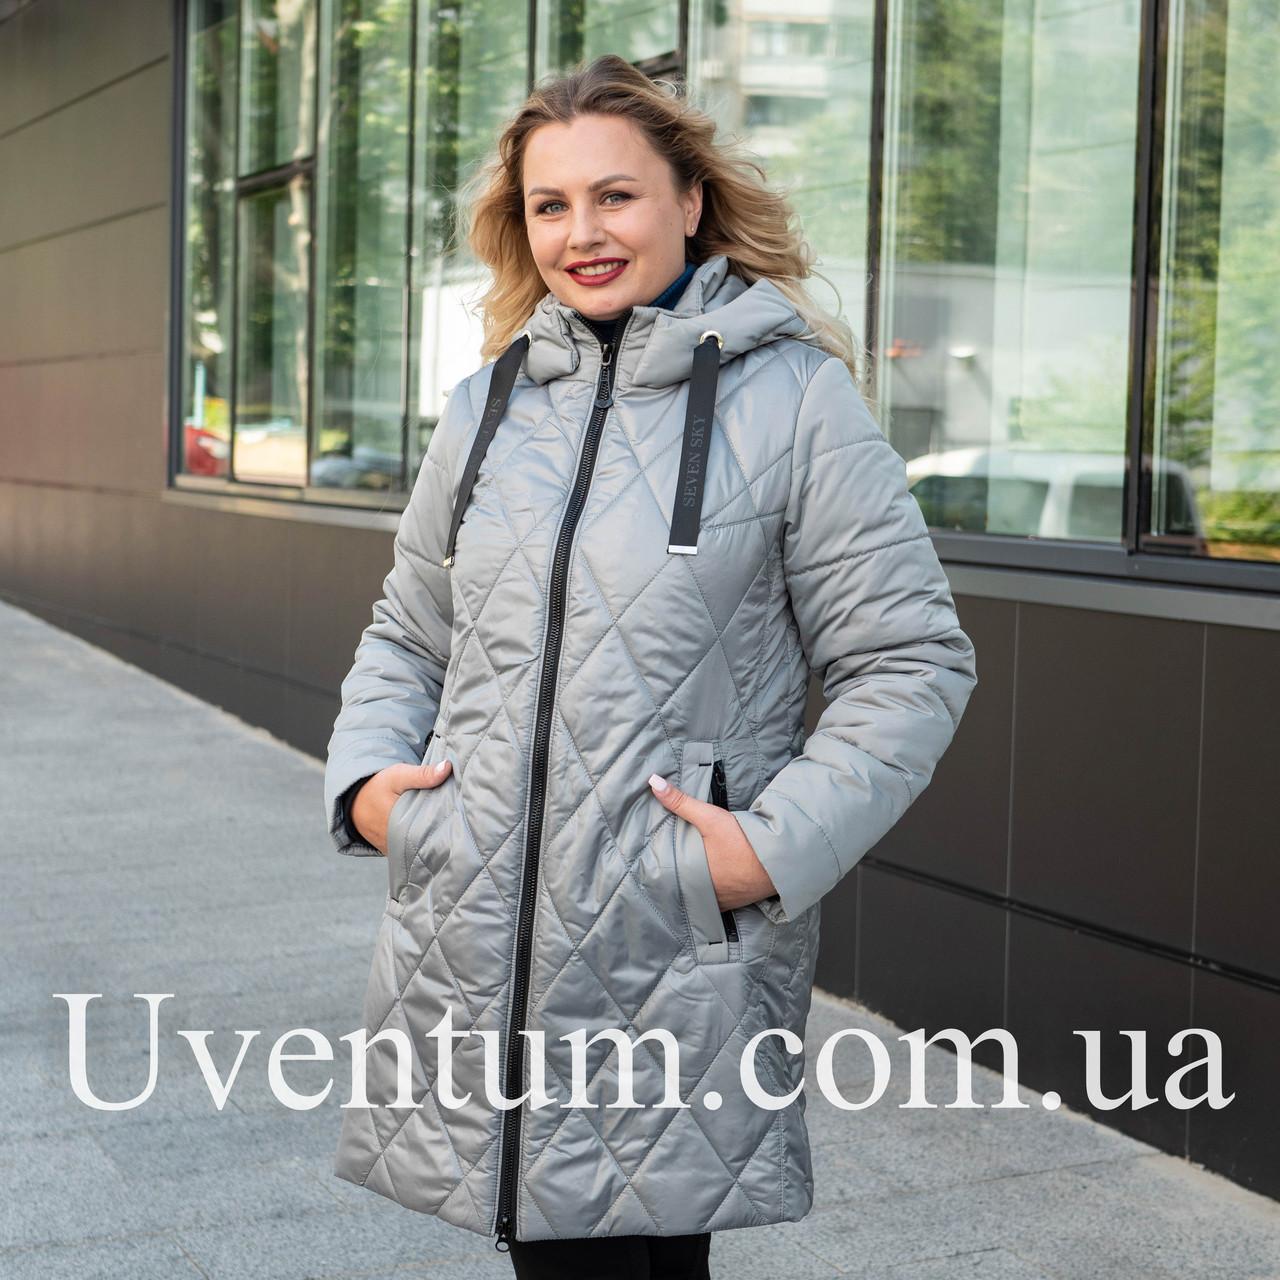 Женская демисезонная куртка большого размера   50-60 оливковый